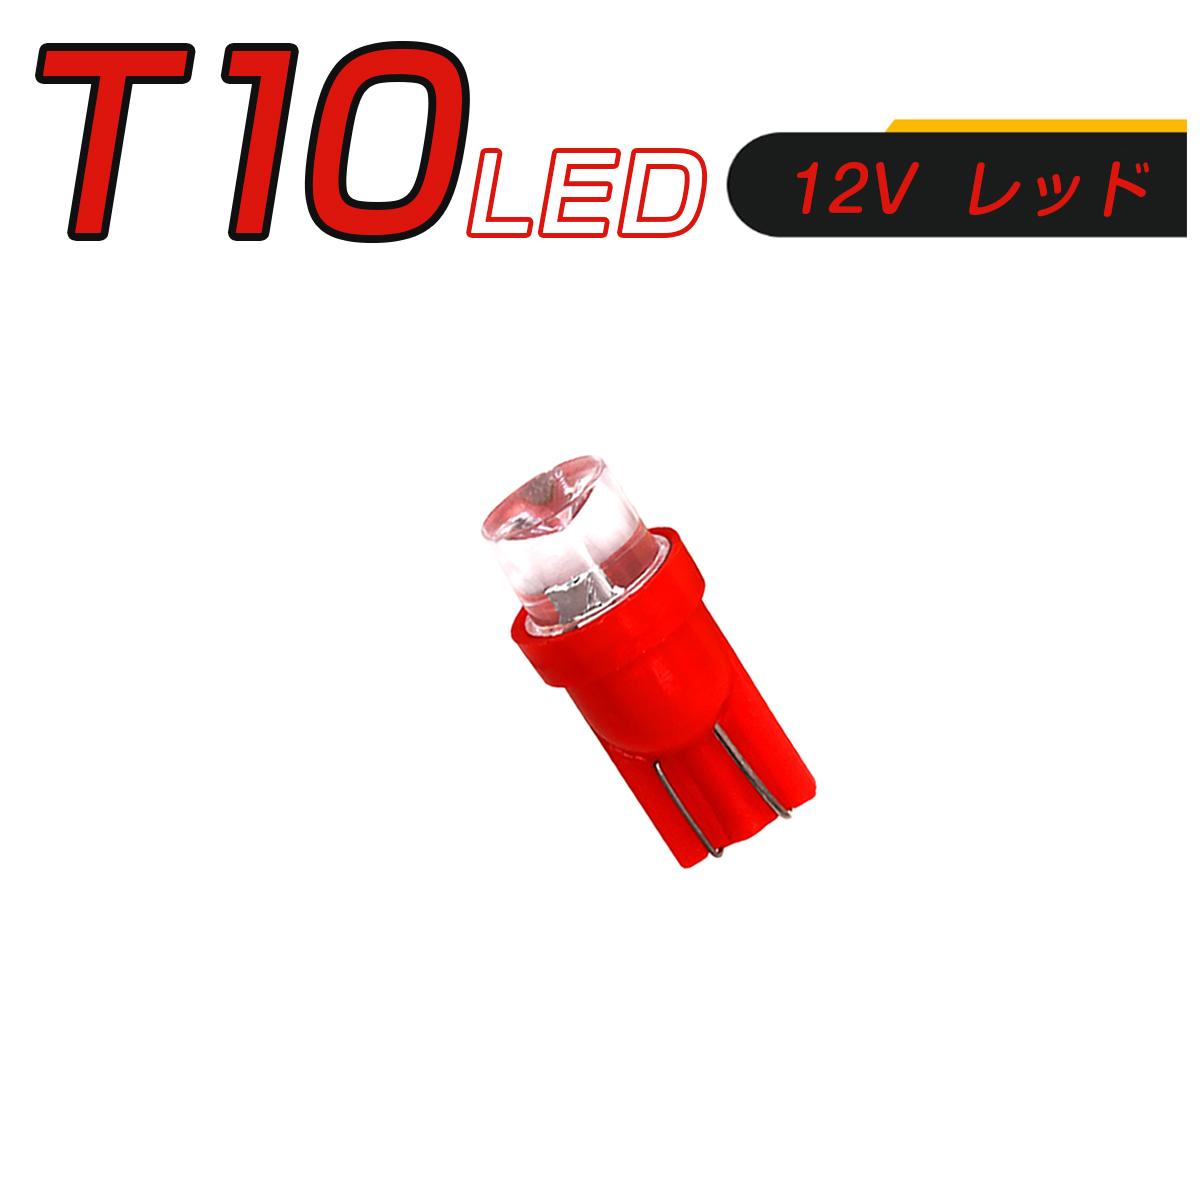 LED T10 赤 SMD メーター球 タコランプ インジケーター エアコンパネル ウェッジ球 超拡散 全面発光 2個セット SDM便送料無料 1ヶ月保証